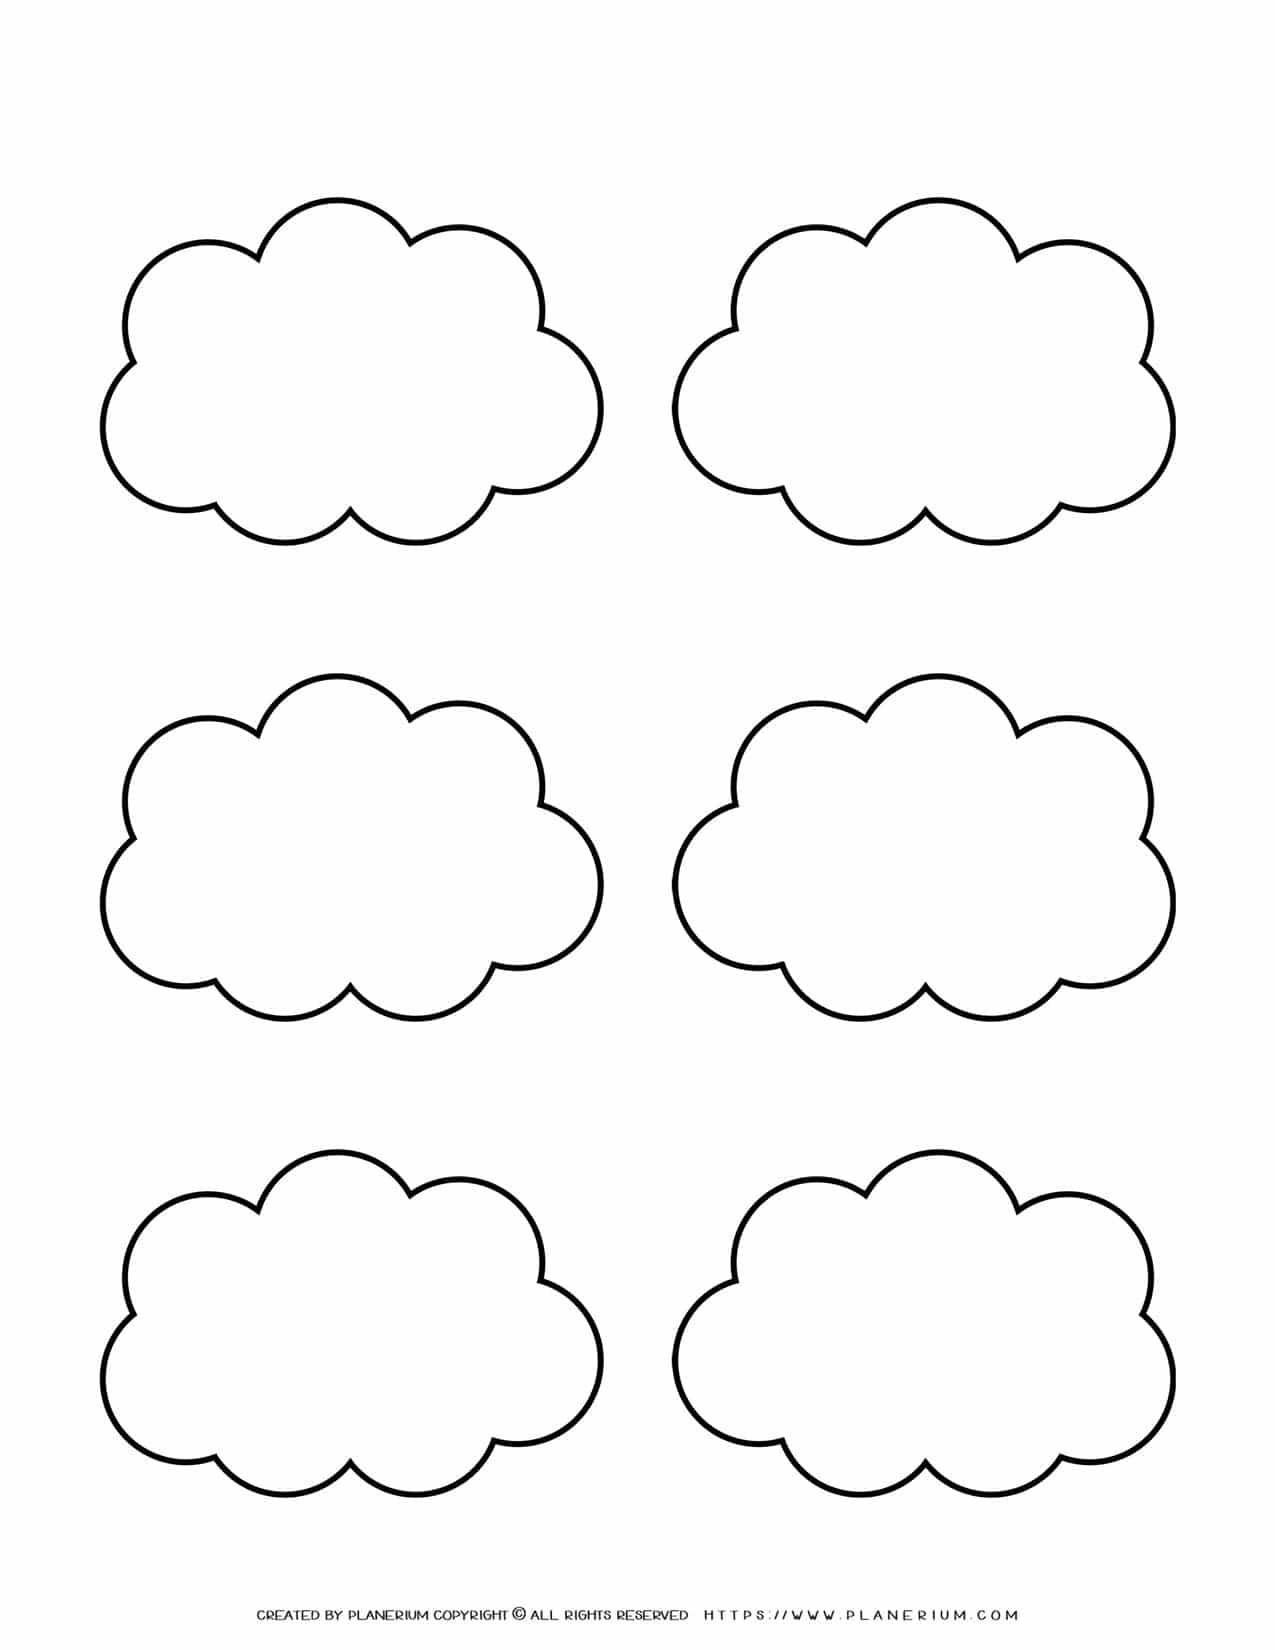 Templates - Six Clouds Outline | Planerium